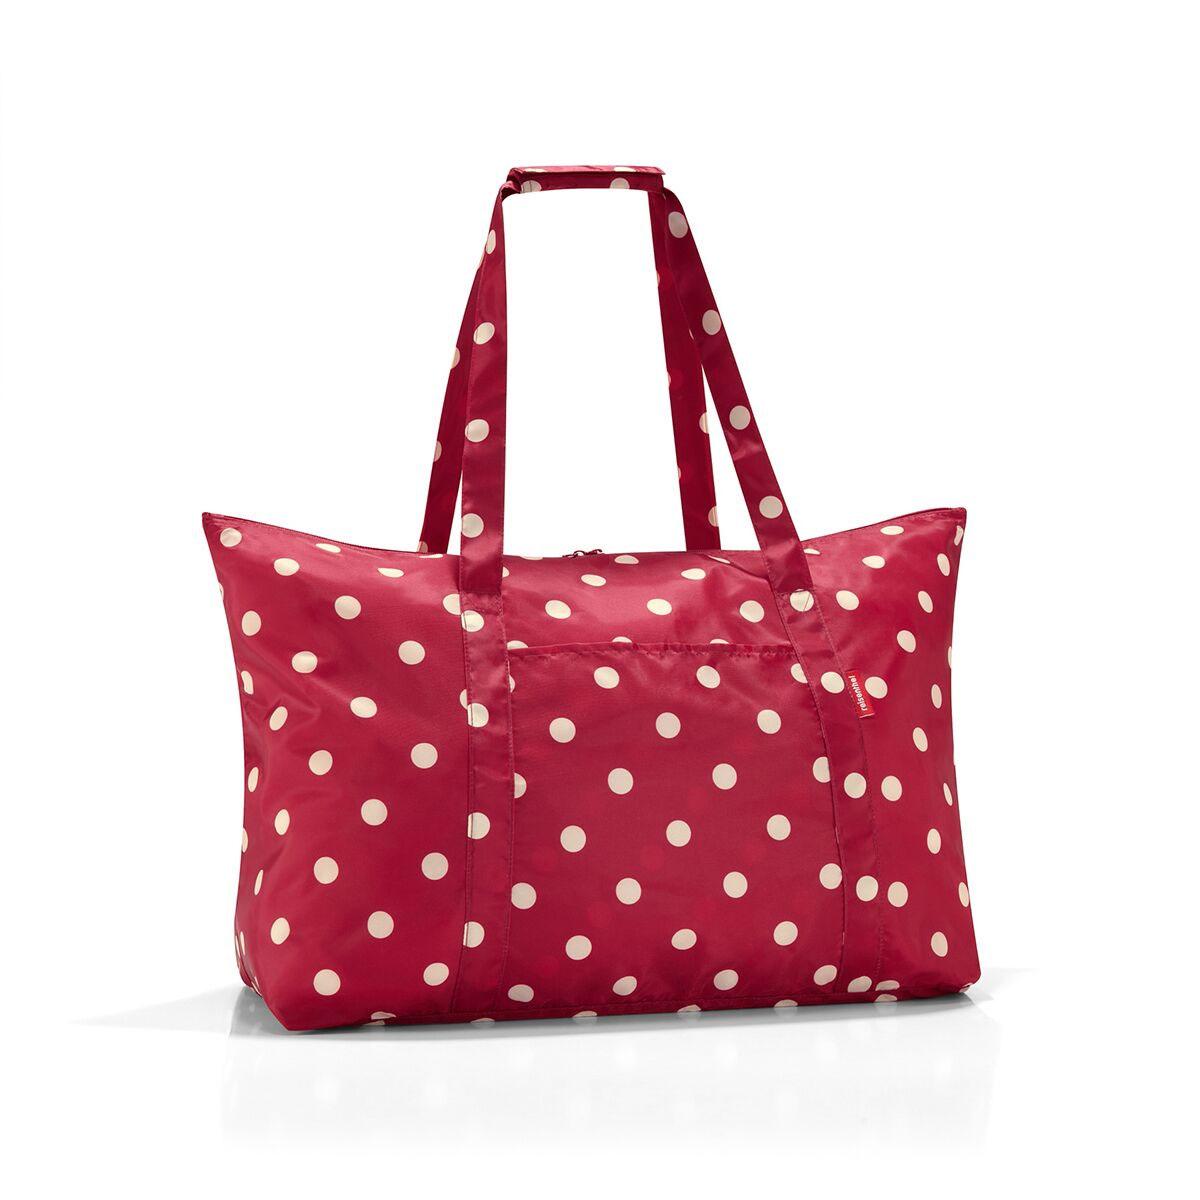 Сумка дорожная женская Reisenthel, цвет: красный. AG30143-47670-00504Идеальный компаньон для путешествий, ведь из поездки мы всегда возвращаемся со множеством сувениров и покупок. Так что еще одна сумка пригодится. Она легко складывается в маленький чехол, которые можно взять с собой в сумке или рюкзаке. Так же можно использовать для похода за продуктами.Внутренний объем сумки - 30 литров. Есть внешний кармашек для мелочей. Для удобства ручки сумки можно соединить между собой.